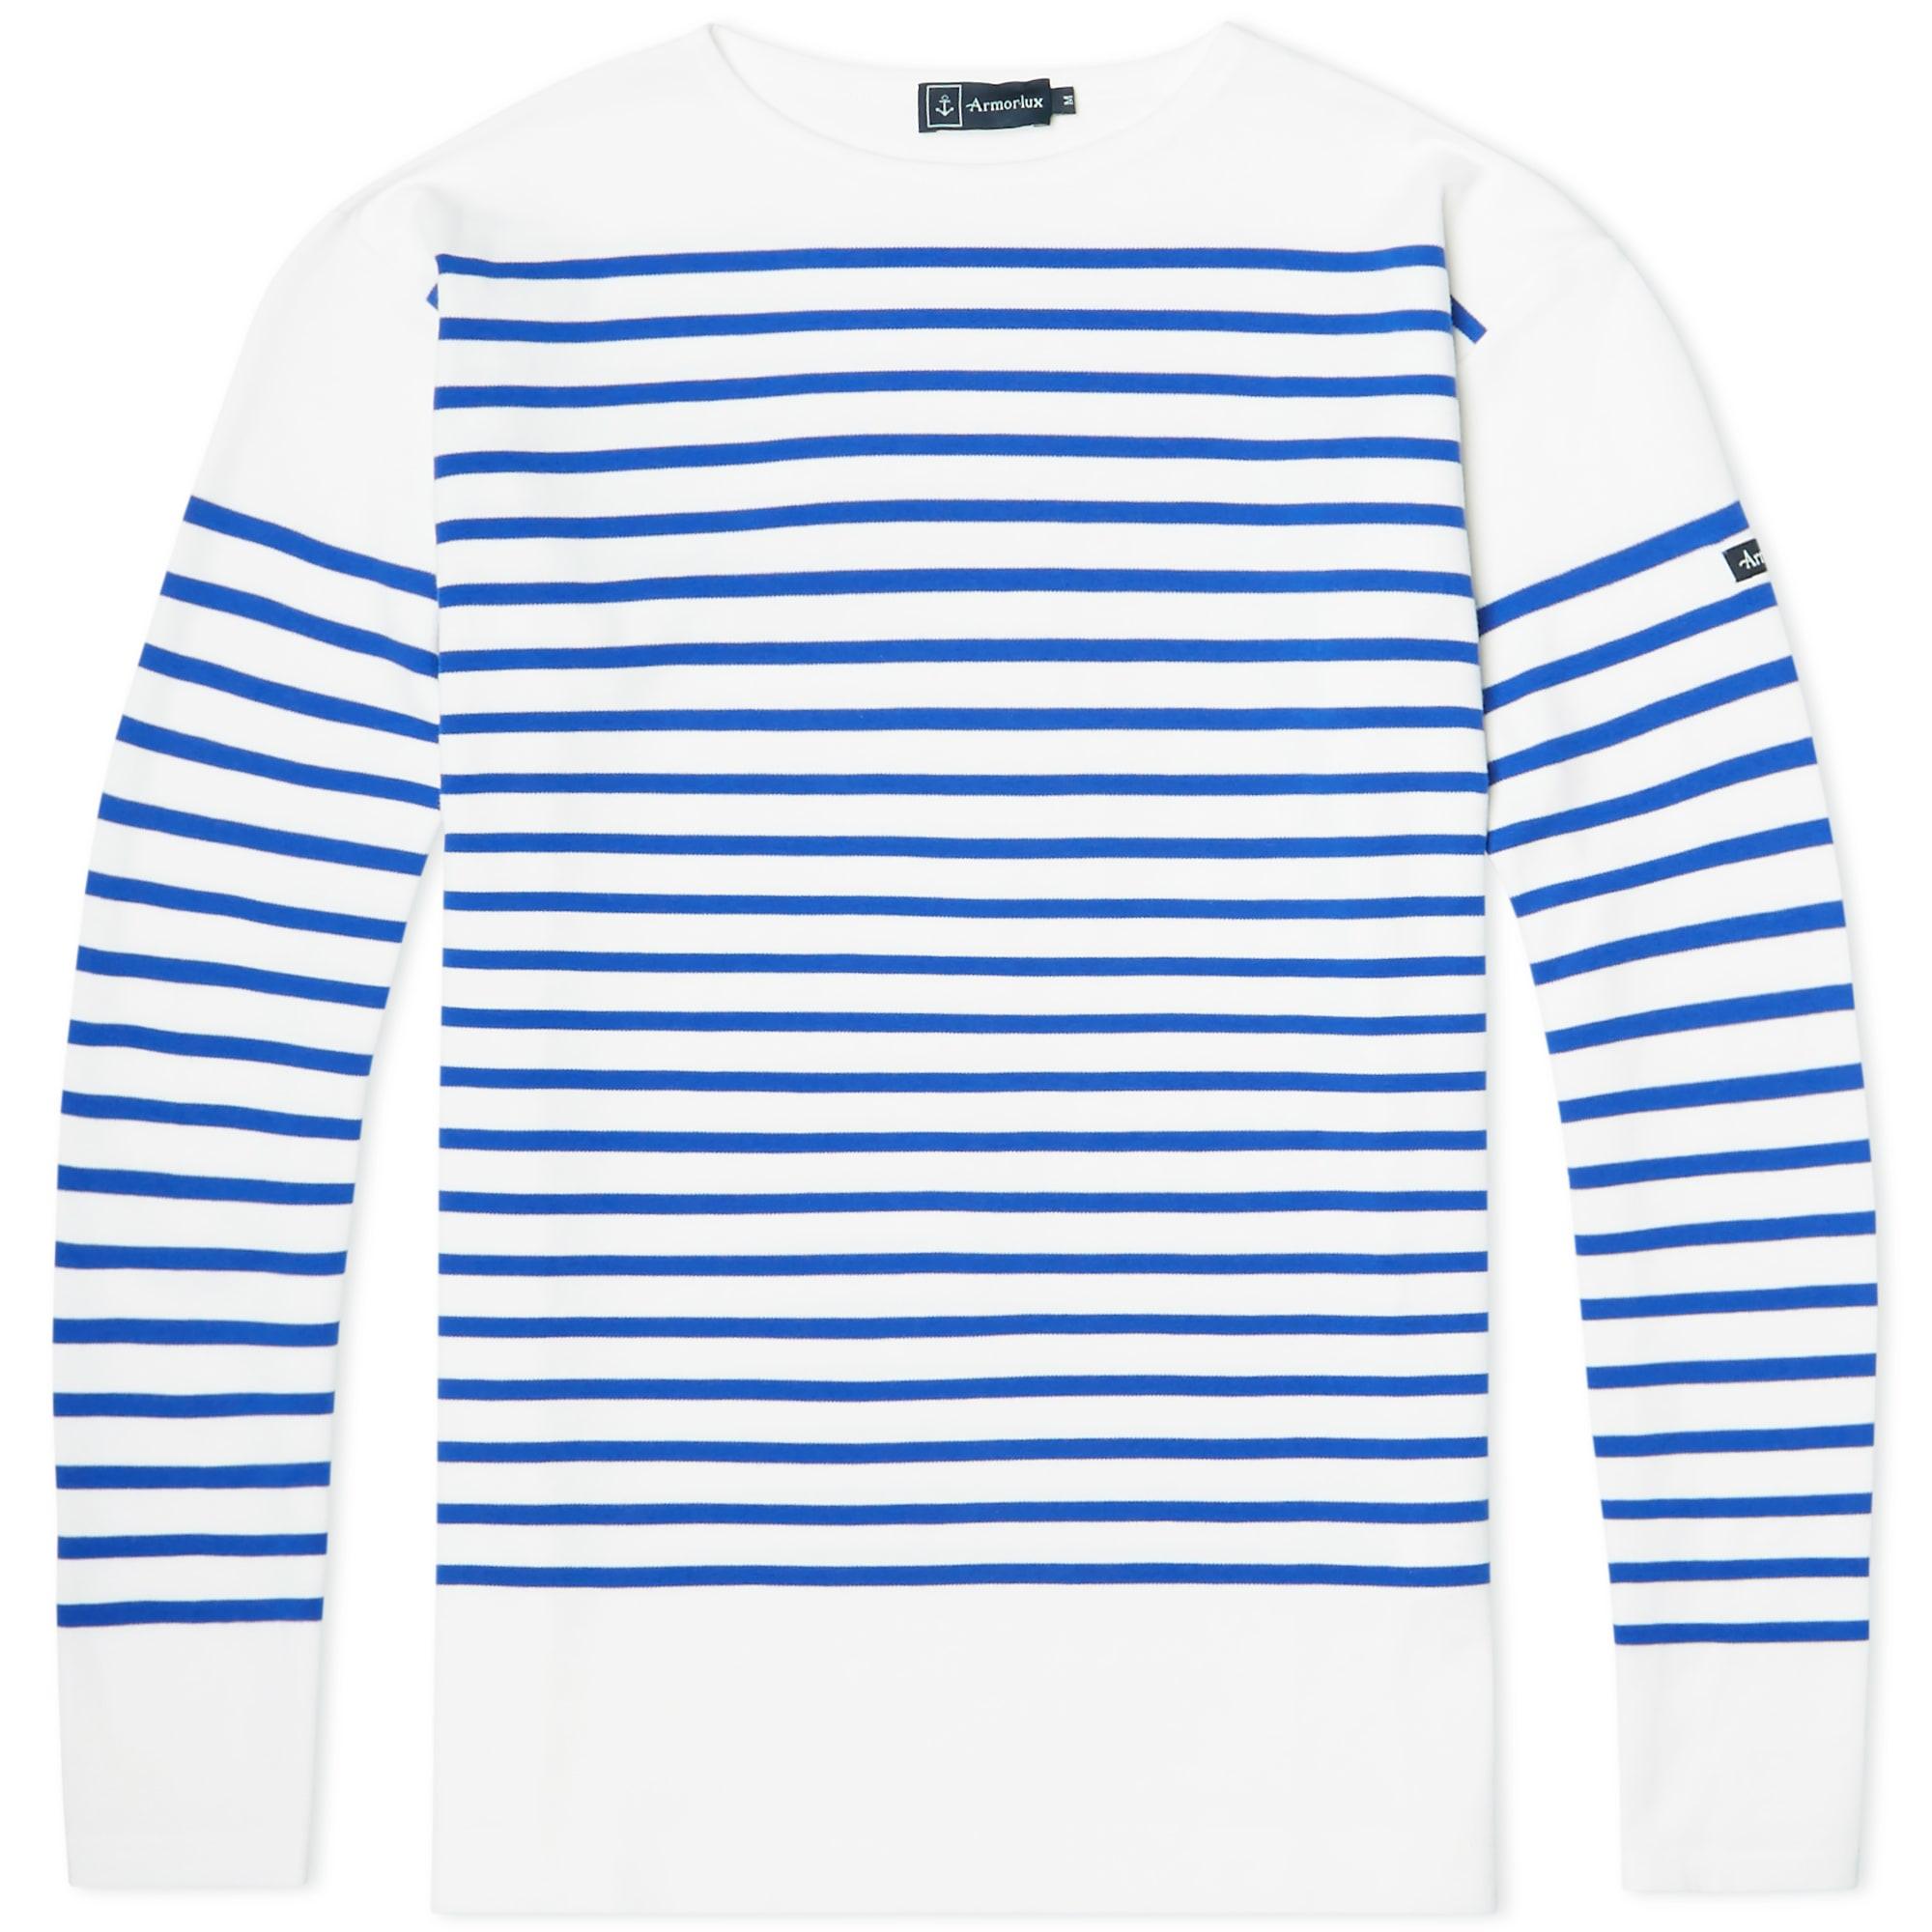 25 05 2015 Armorlux 1140longsleevesailortee White Blue Jm